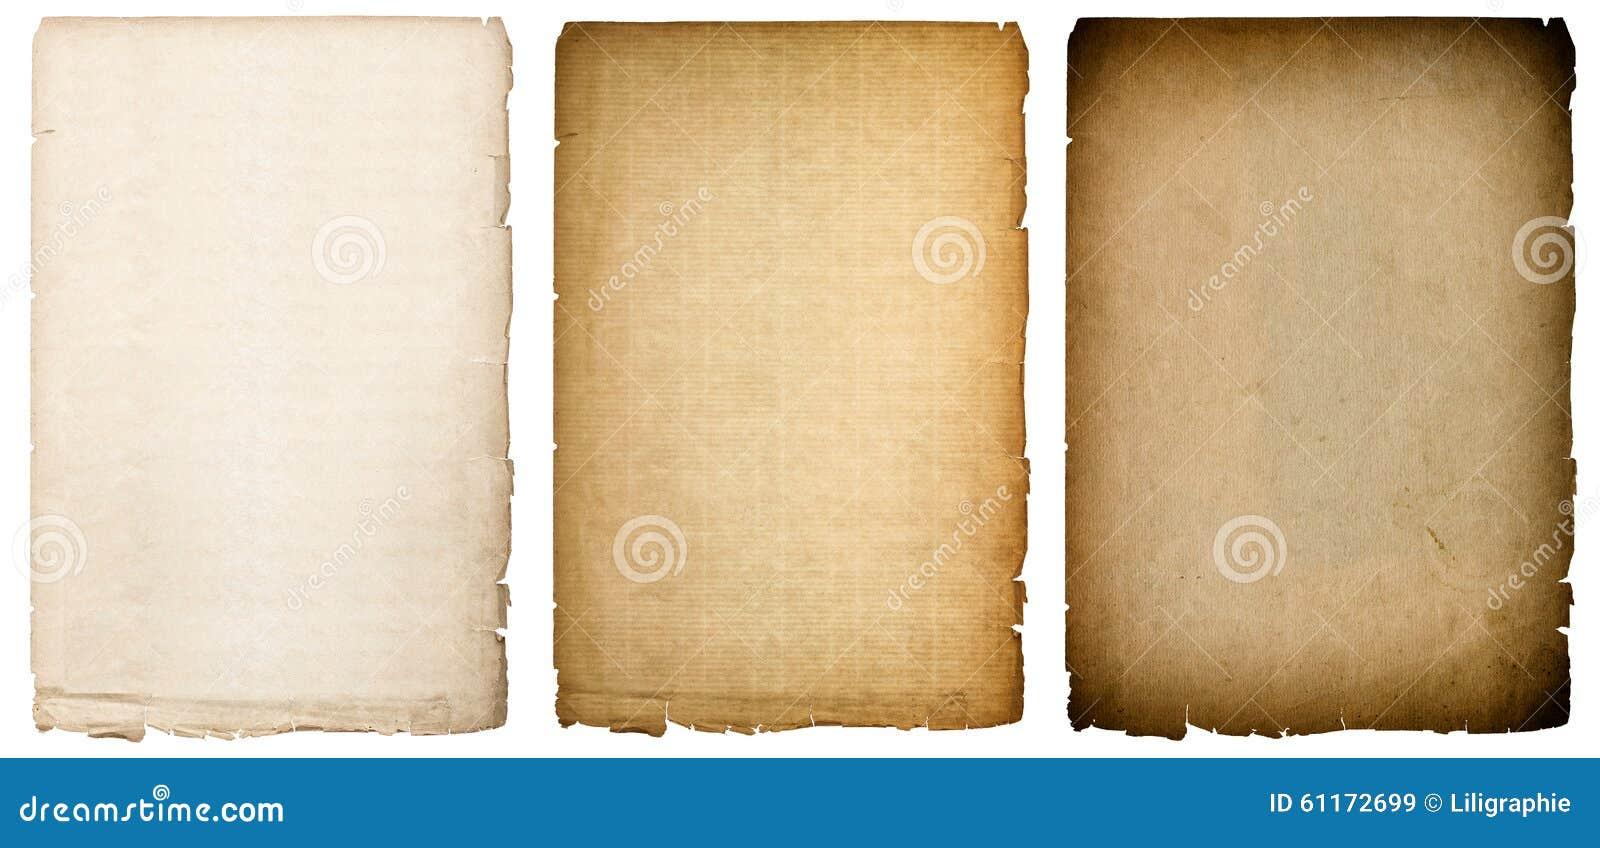 Παλαιά σύσταση φύλλων εγγράφου με τις σκοτεινές άκρες γεωμετρικός παλαιός τρύγος εγγράφου διακοσμήσεων ανασκόπησης